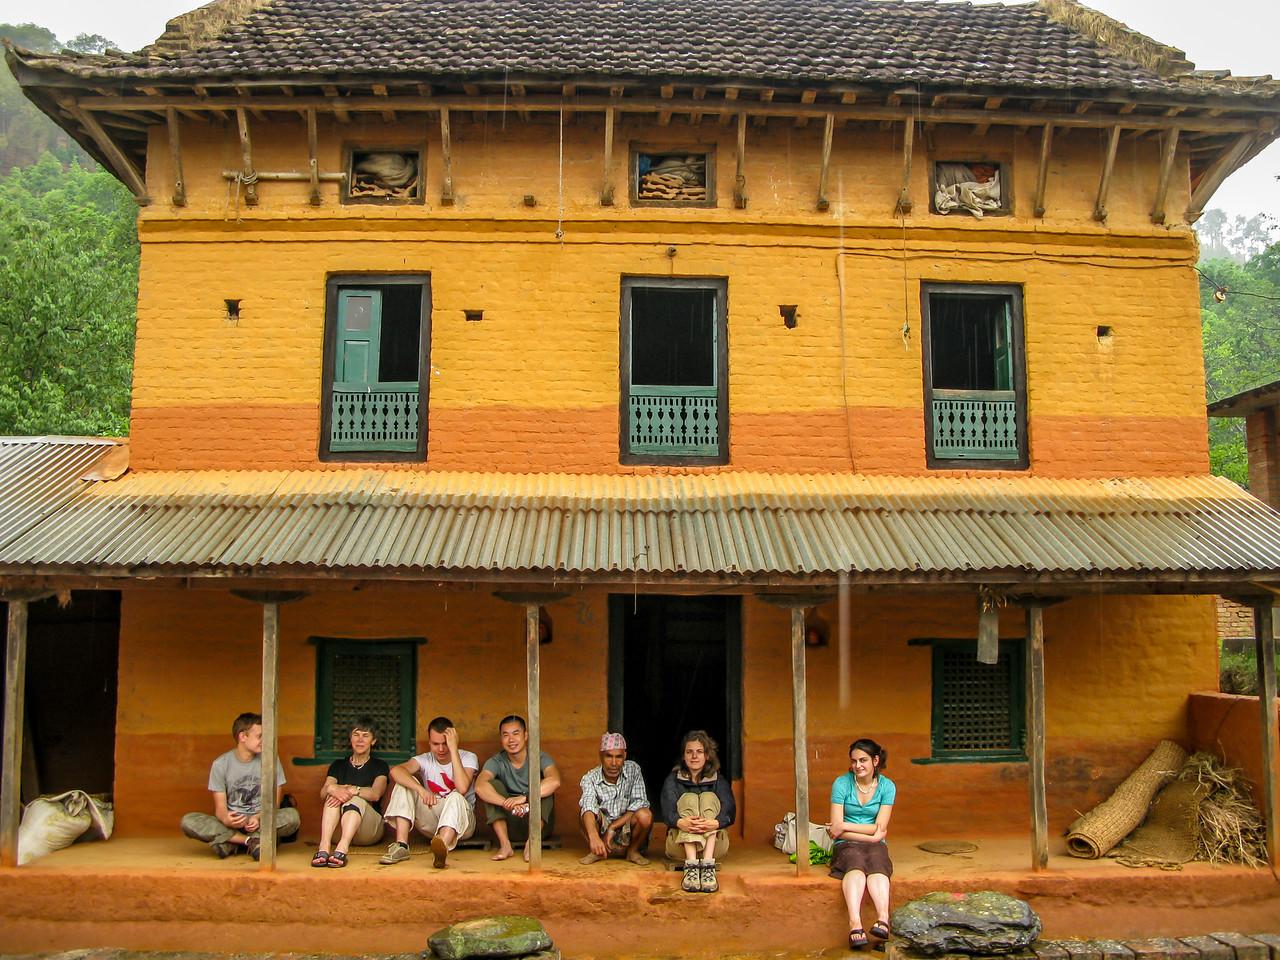 Maison d'accueil pour les bénévoles